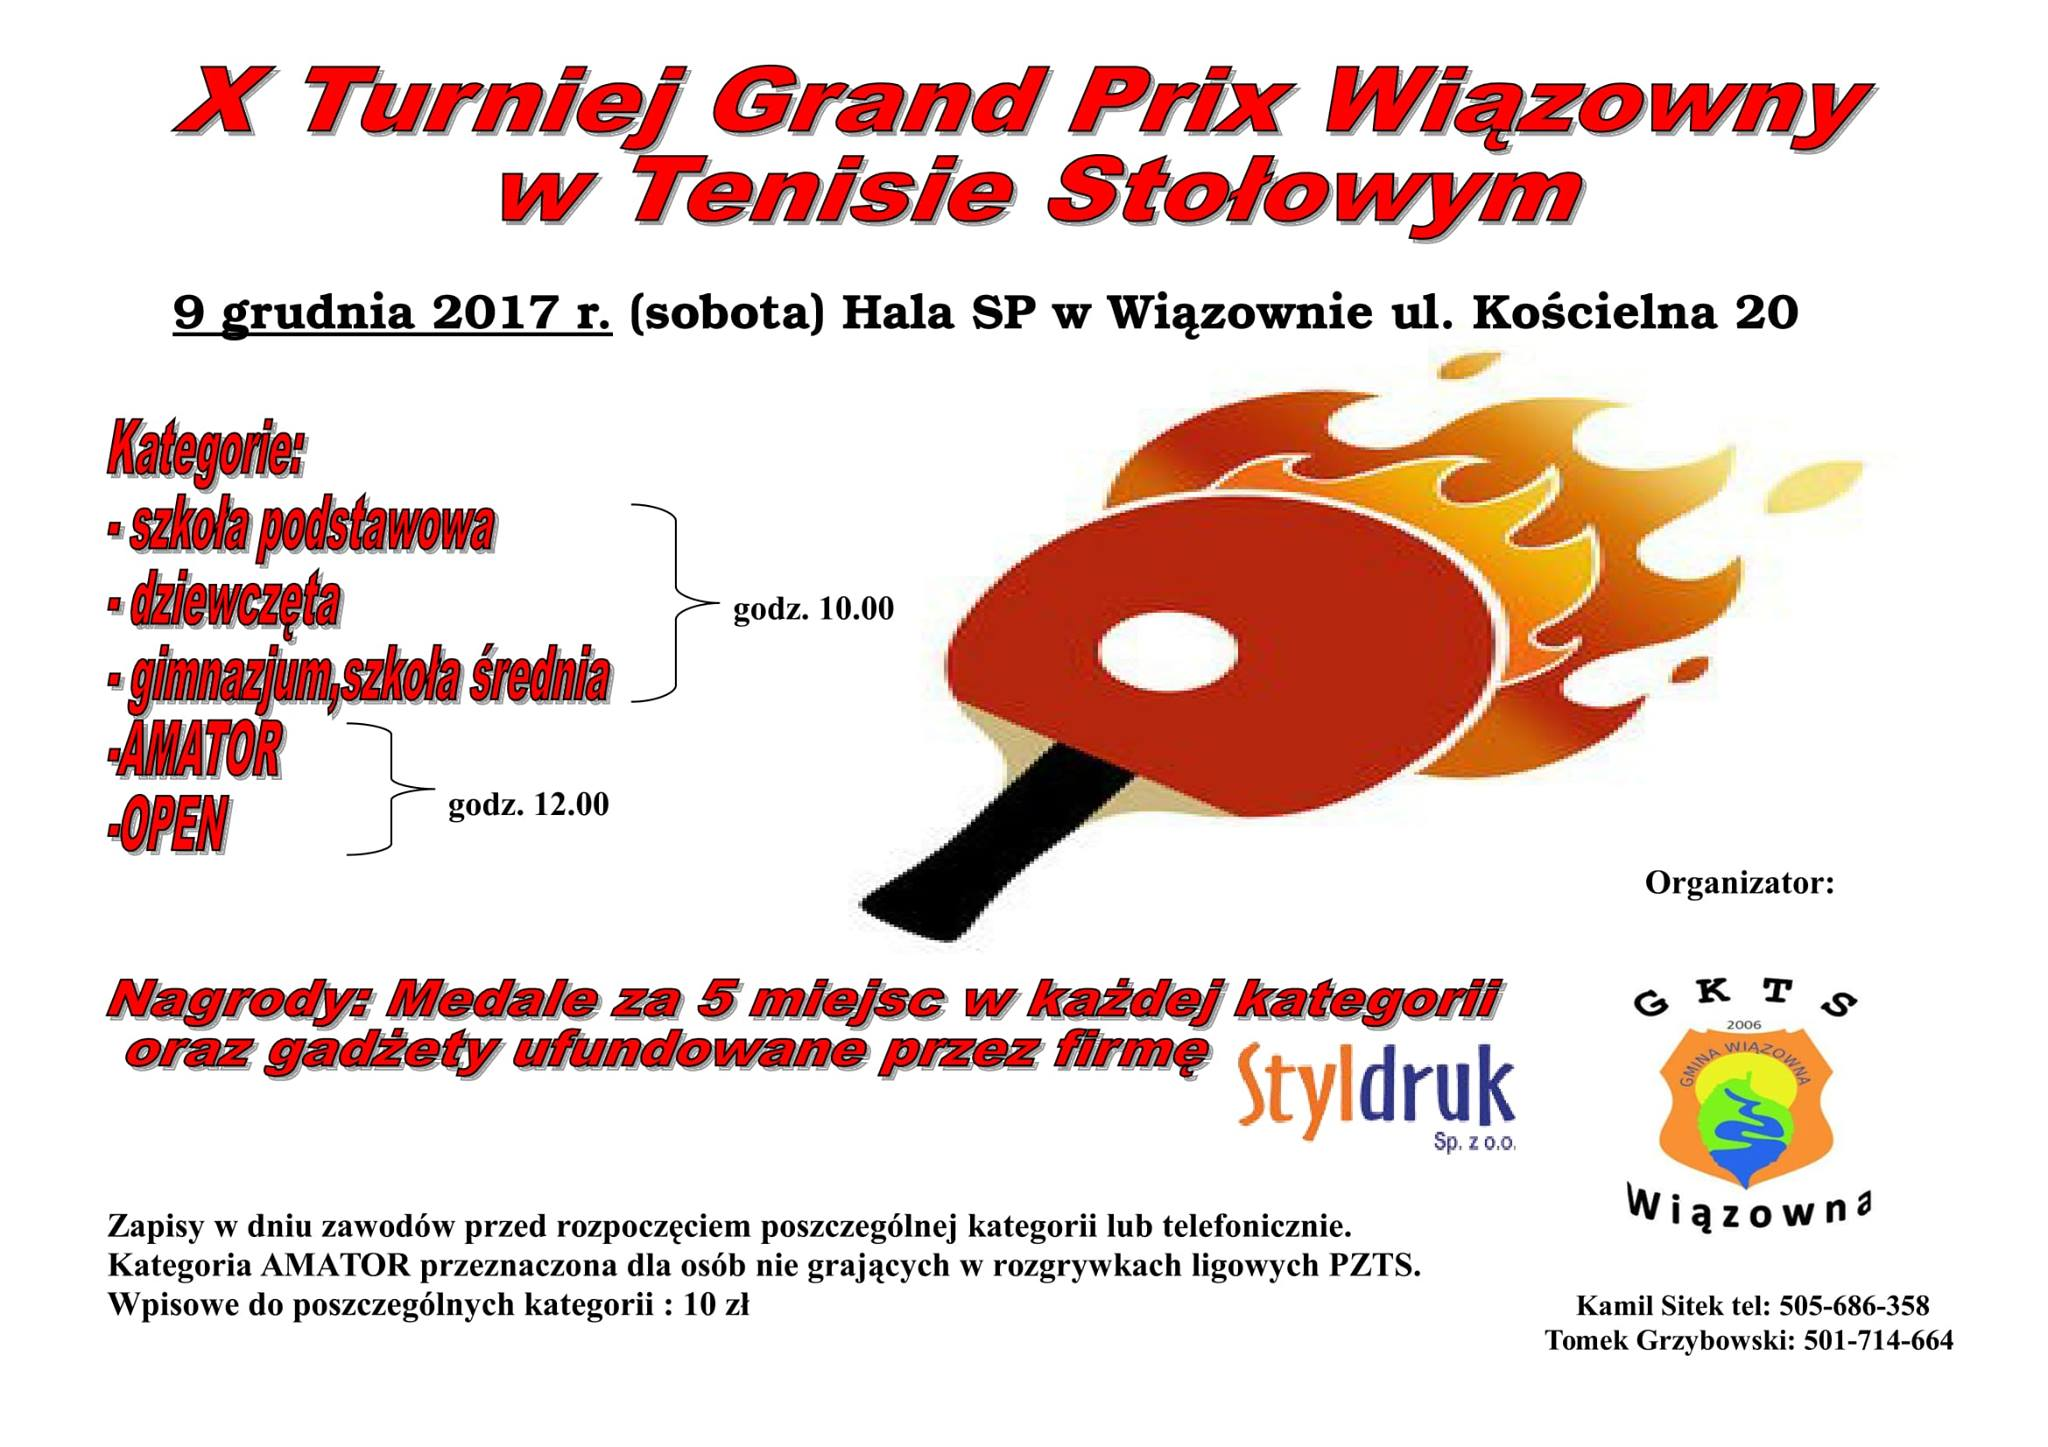 Plakat turnieju X Turniej Grand Prix WIązowny w Tenisie Stołowym